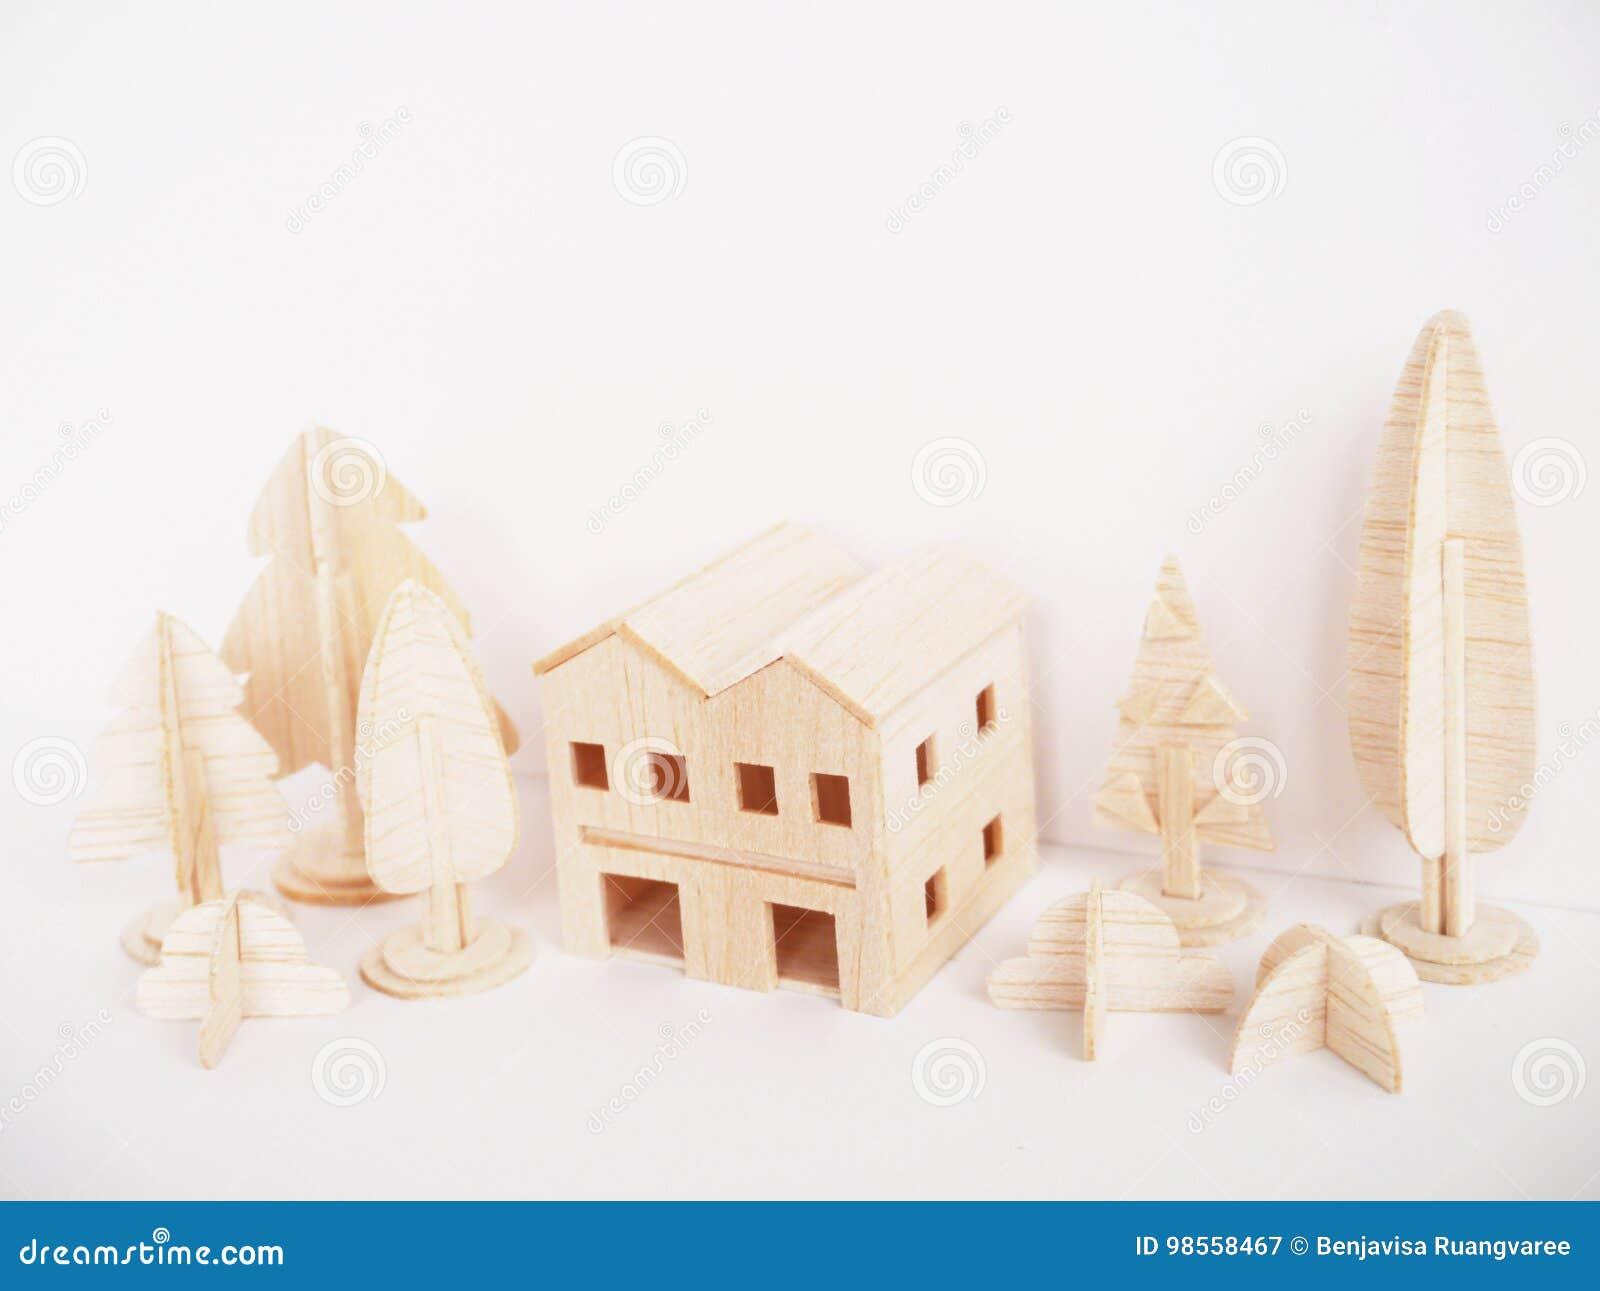 Mínimo hecho a mano del corte del arte modelo de madera miniatura de las ilustraciones